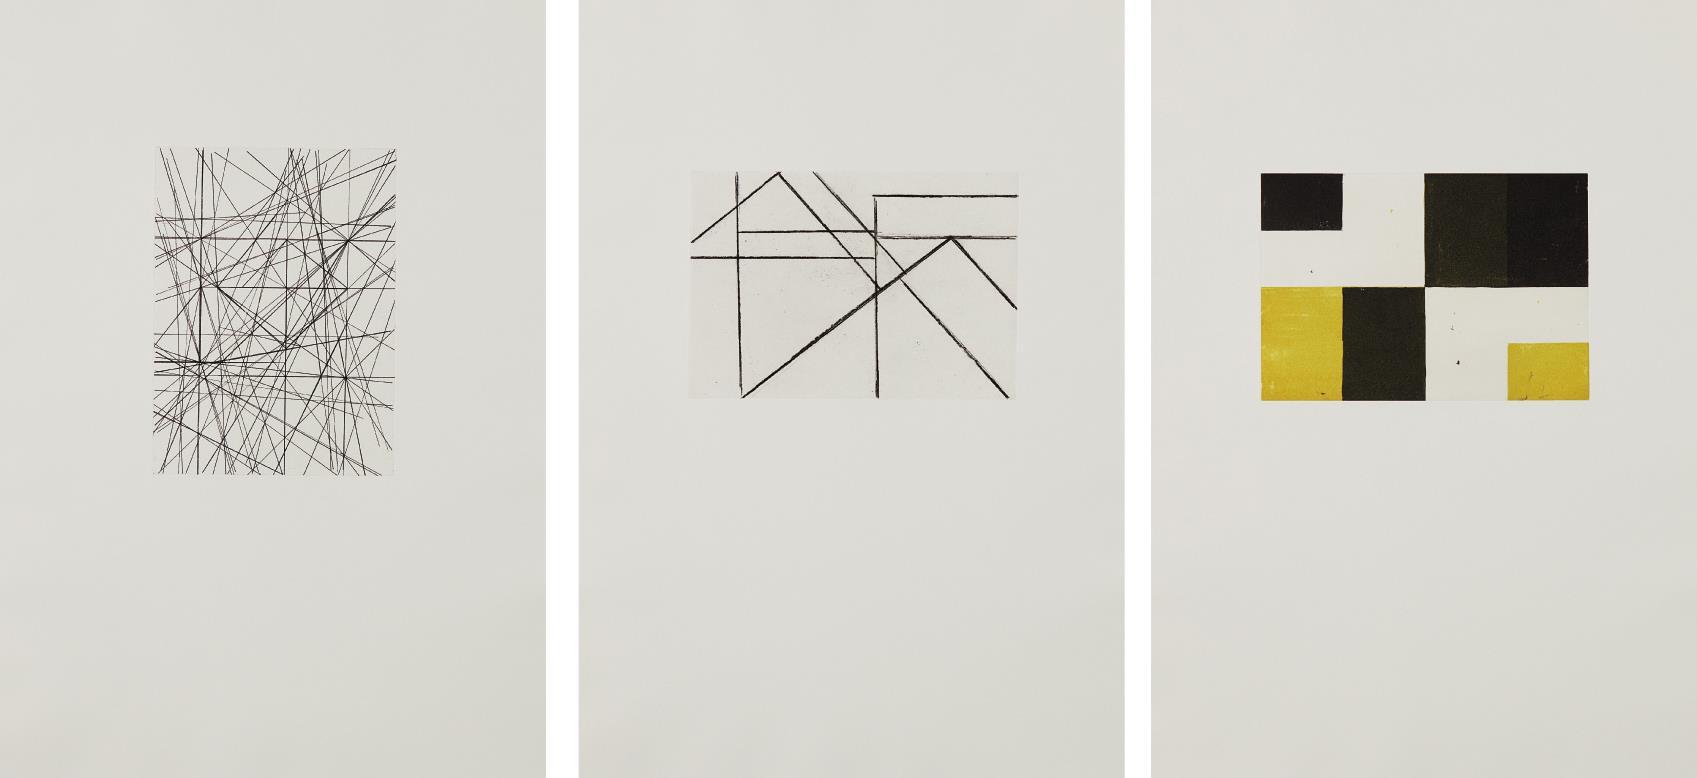 Helmut Federle-5 + 1-1989